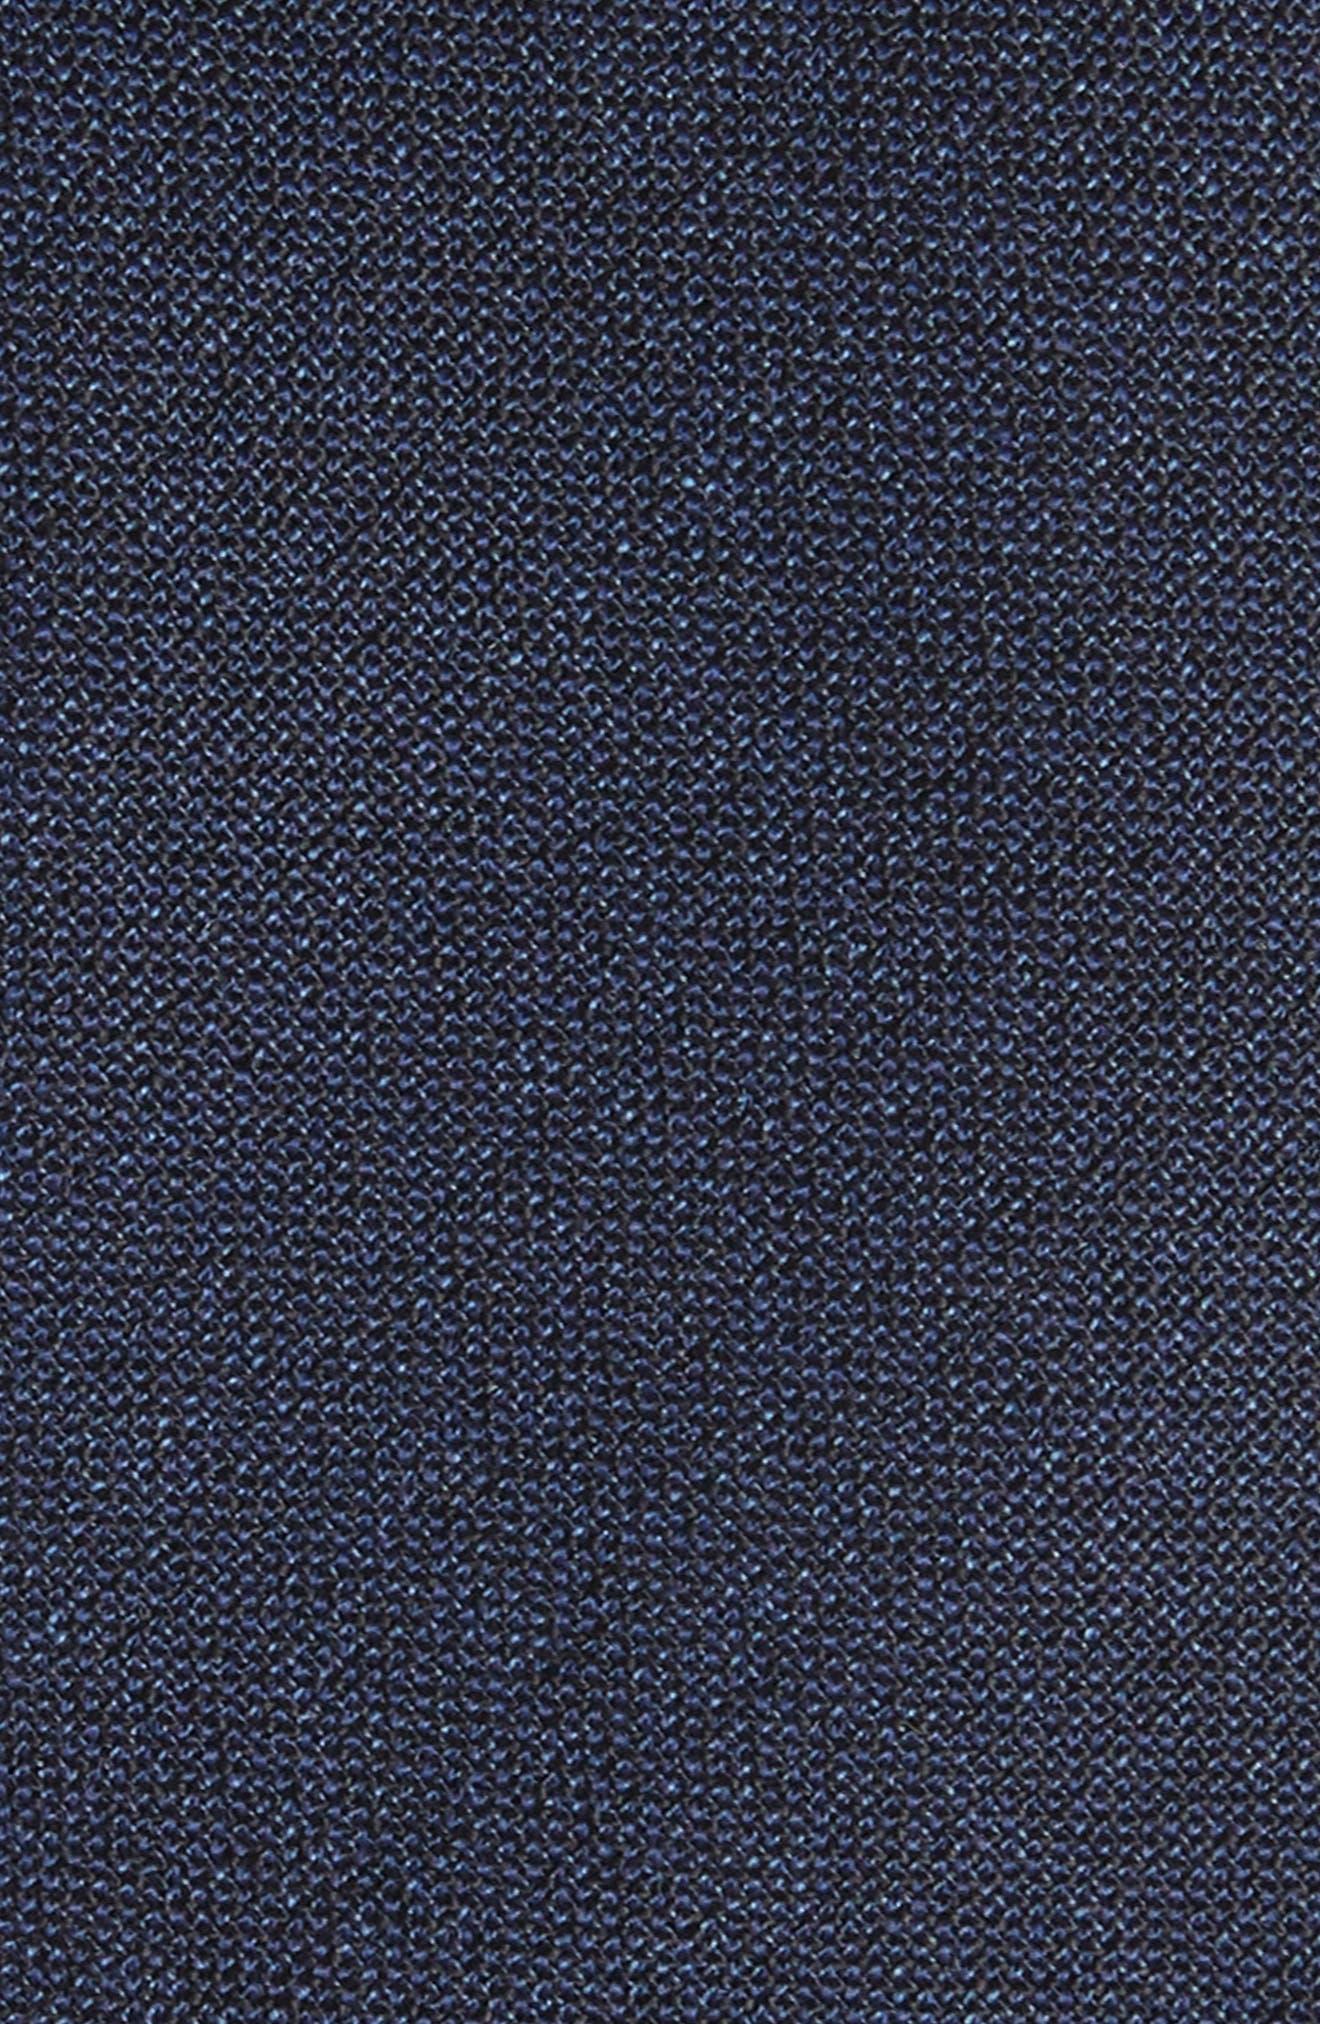 Jaspé Wool Skinny Tie,                             Alternate thumbnail 7, color,